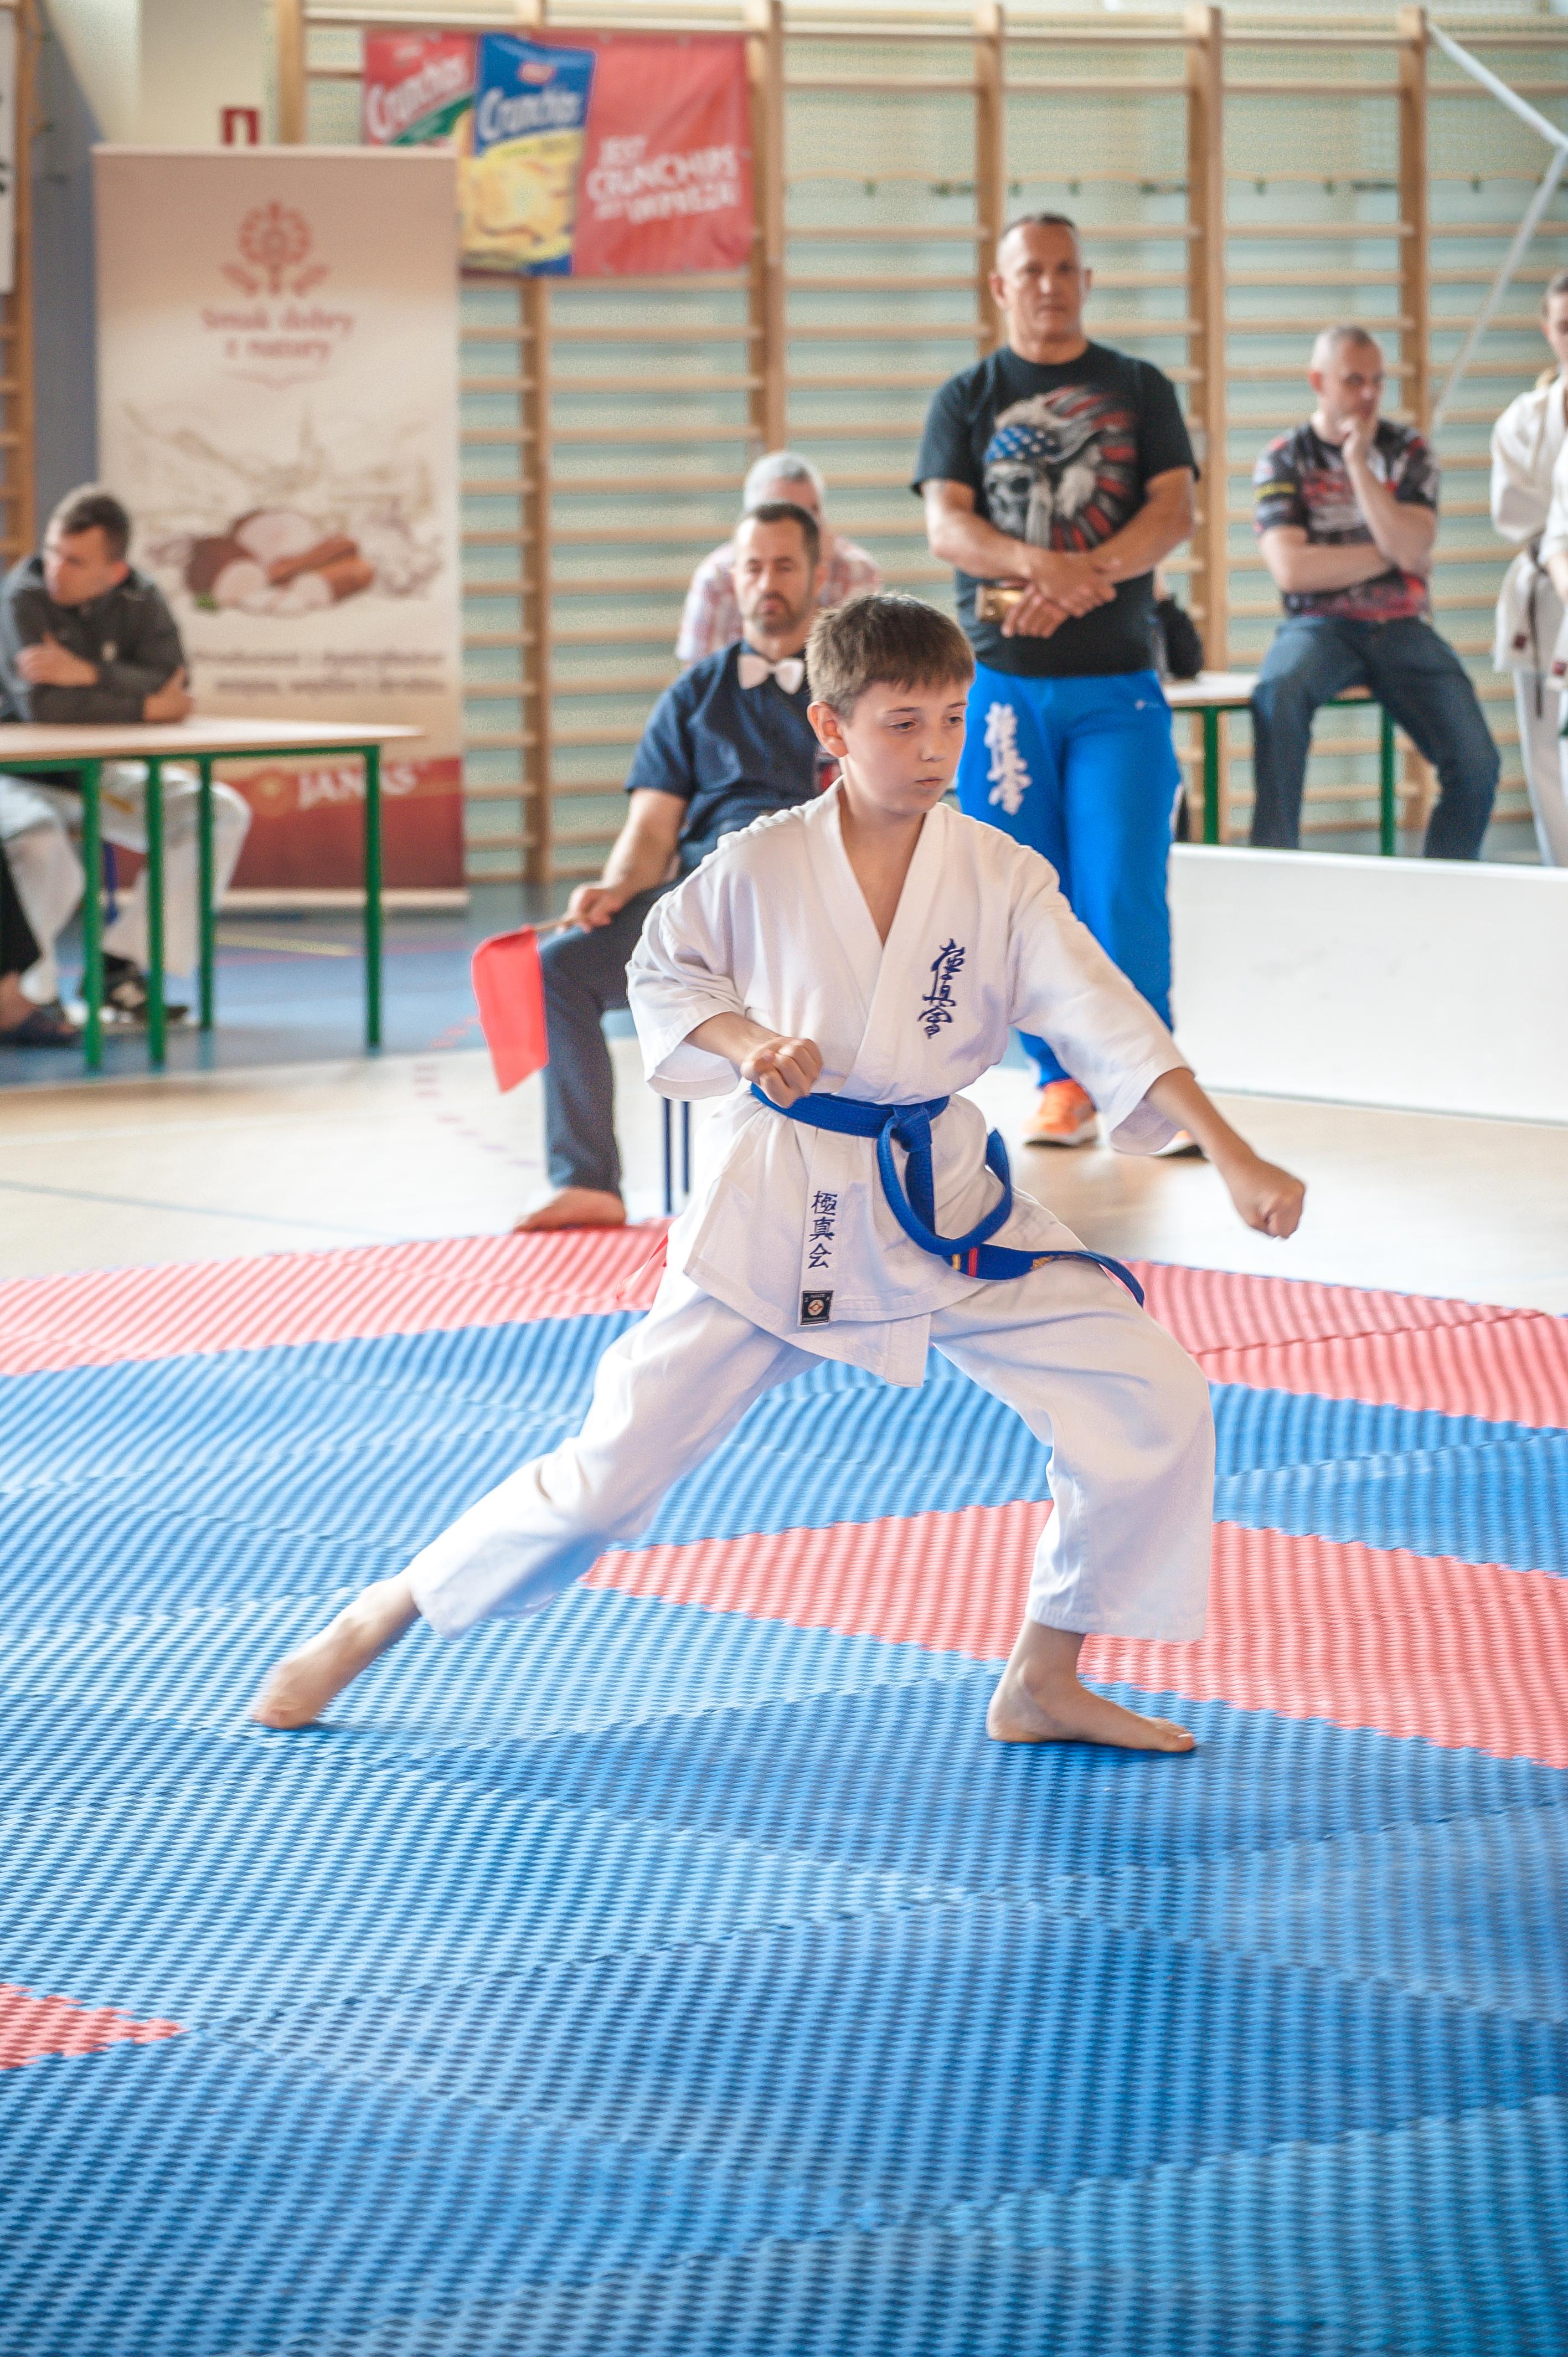 17 Turniej Karate Nowy Targ 2019_12.JPG